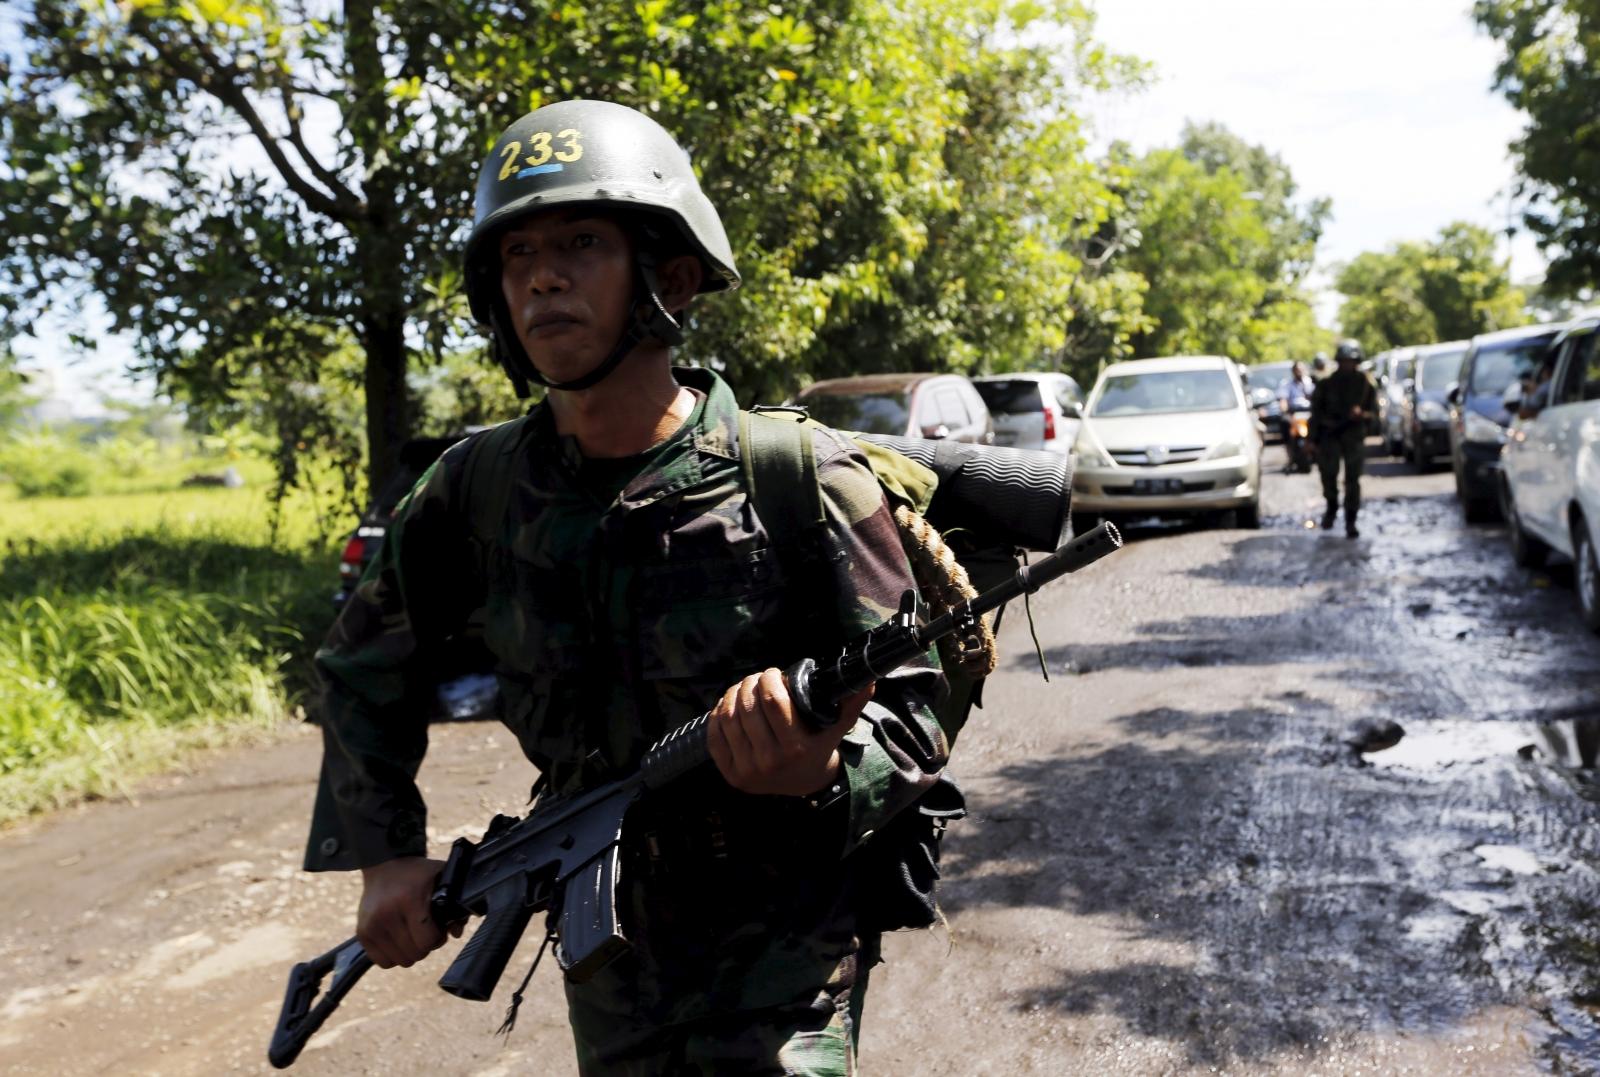 Indonesia drug smuggling and Bali Nine executions